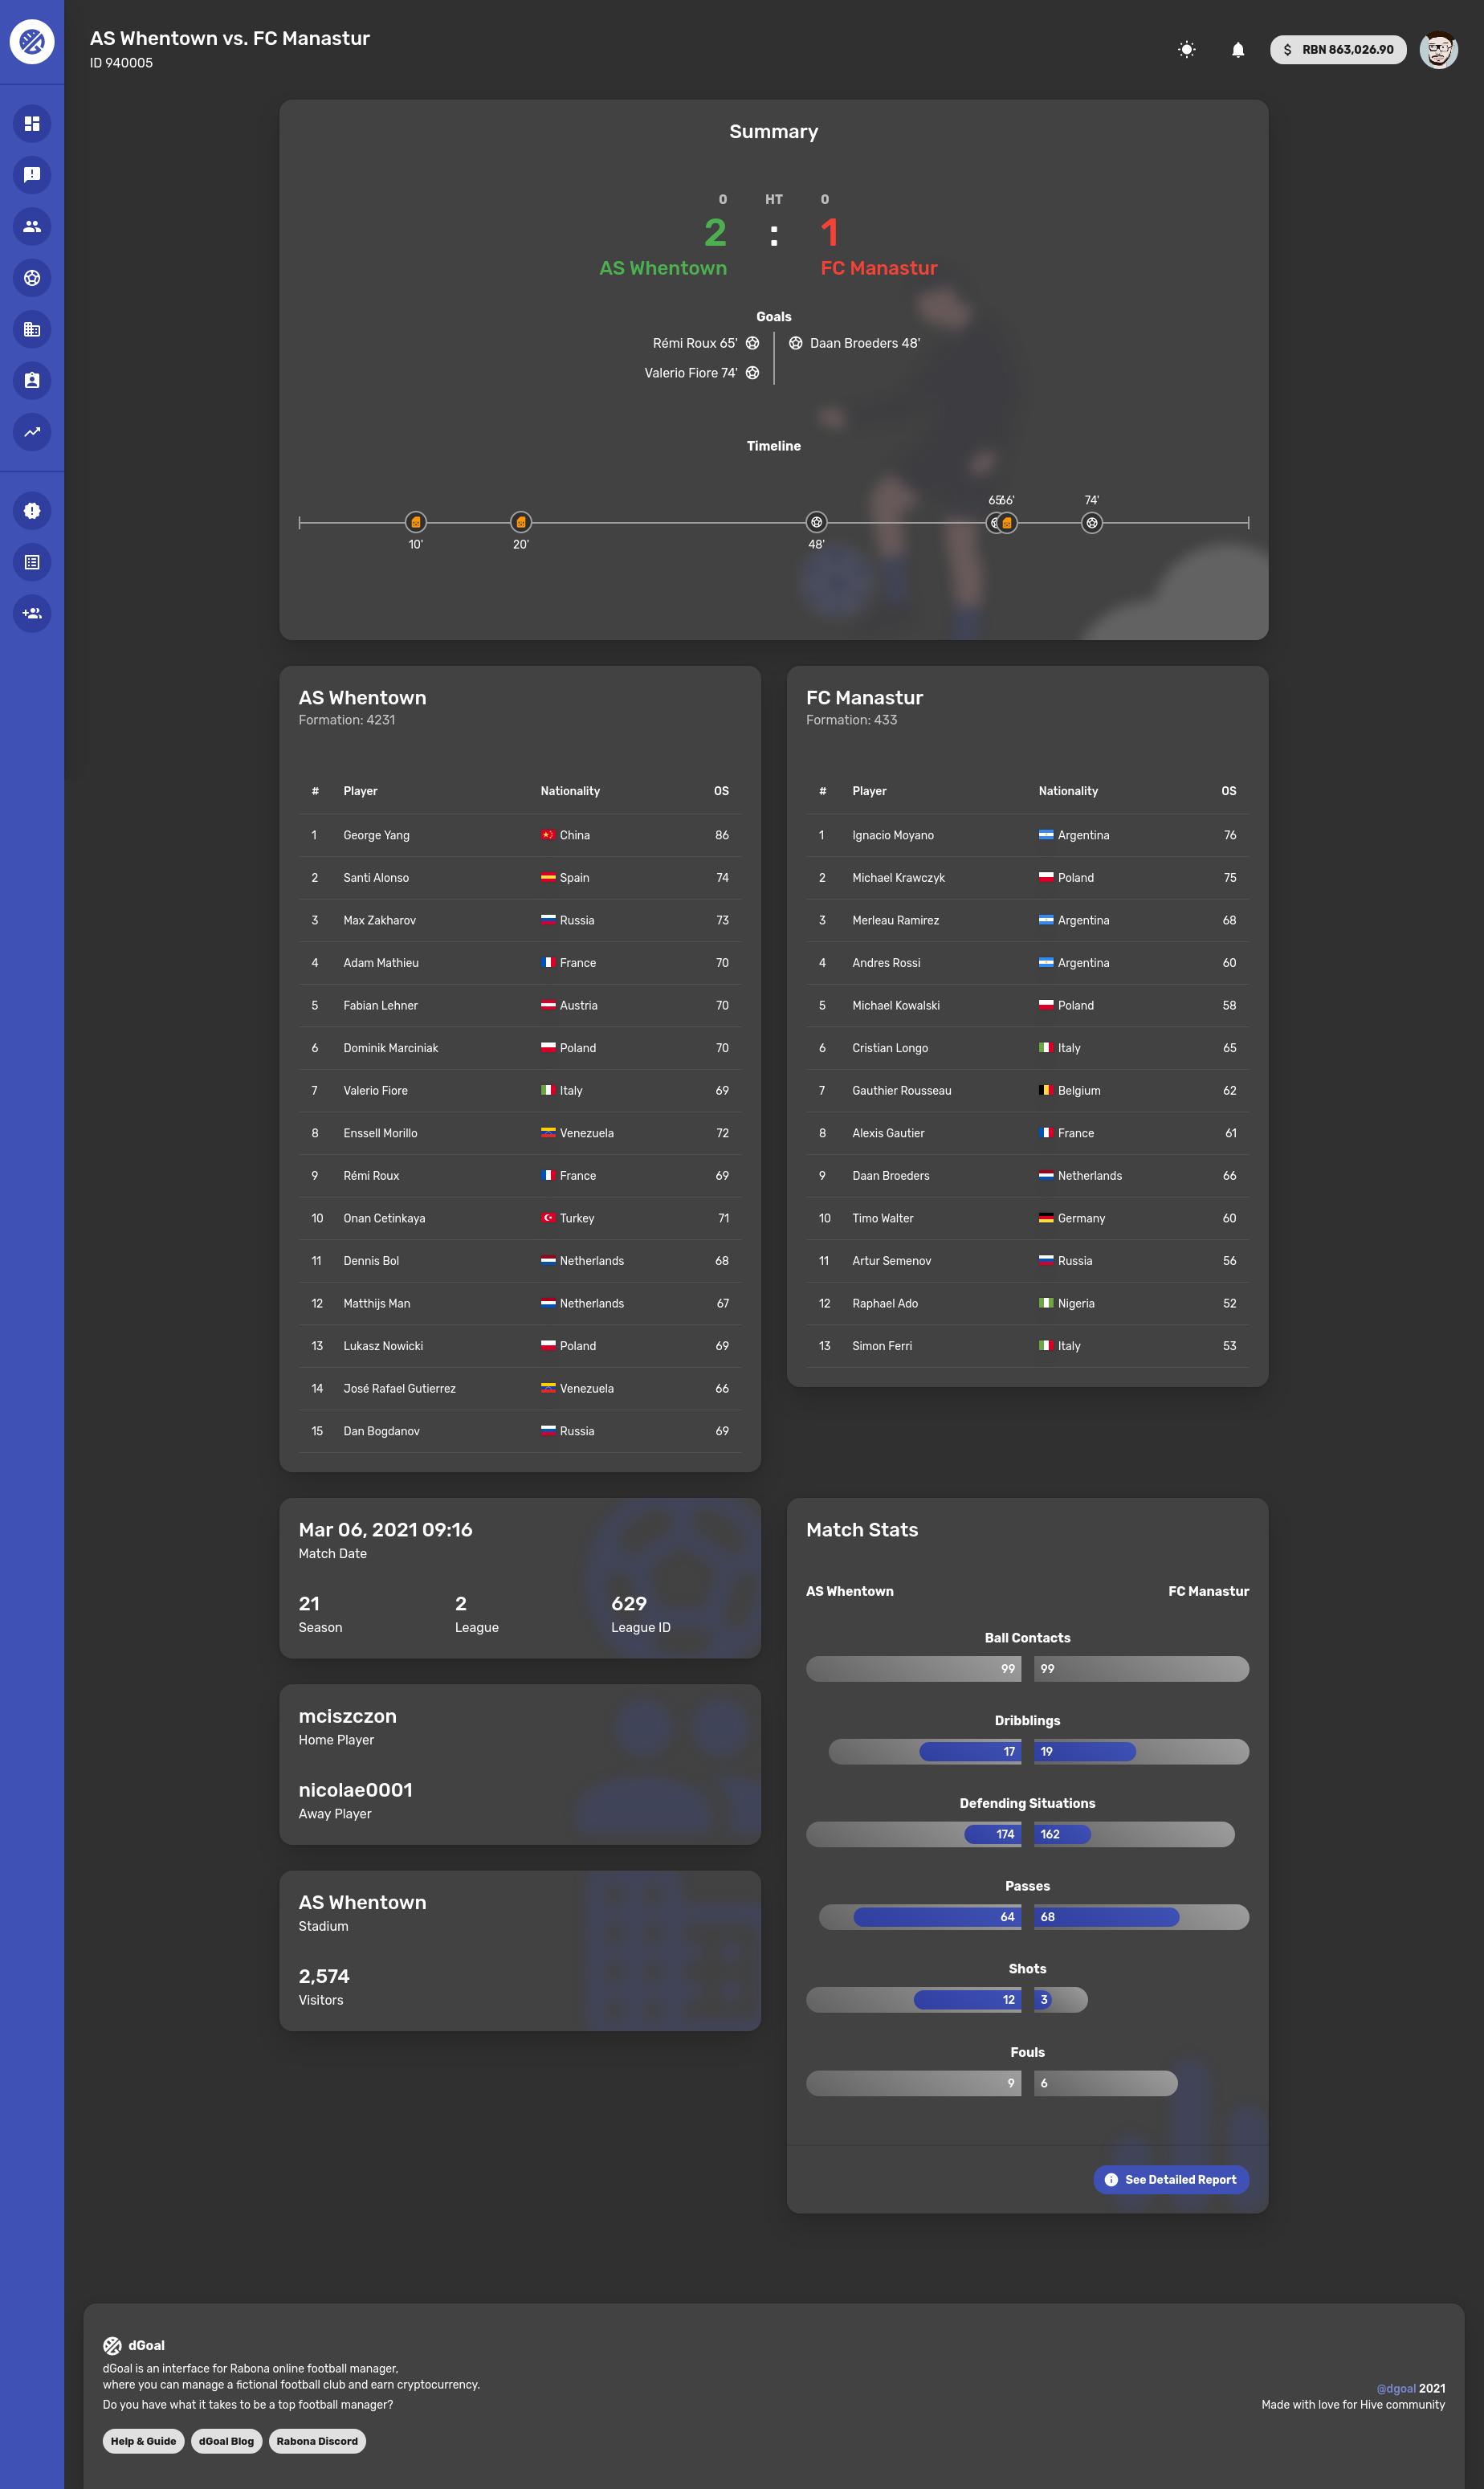 screenshot-dgoal.app-2021.03.06-17_59_10.png